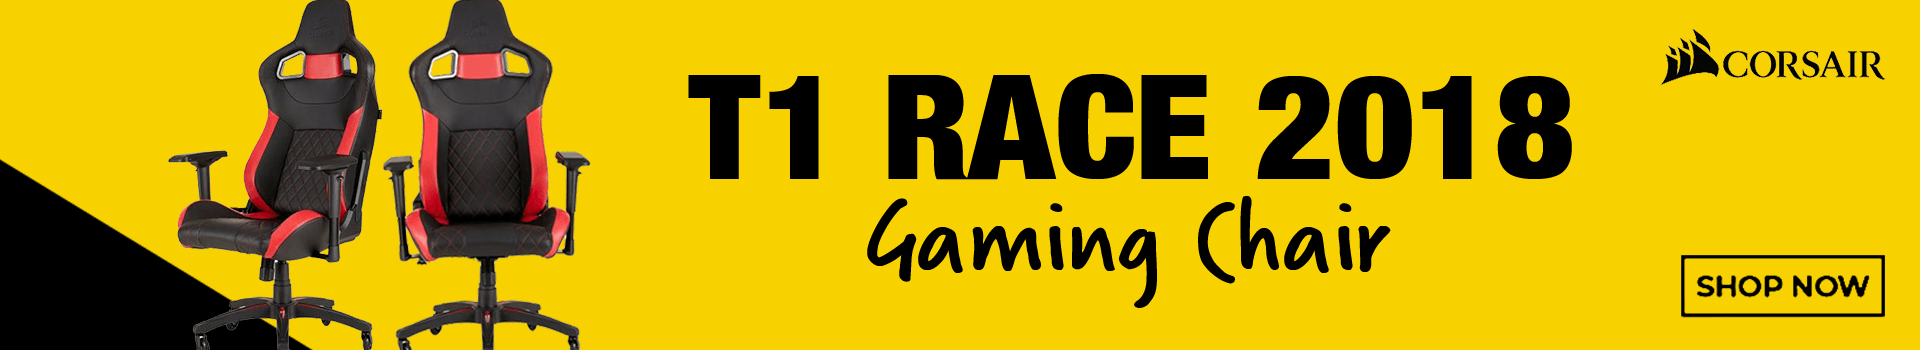 Corsair T1 Race 2018